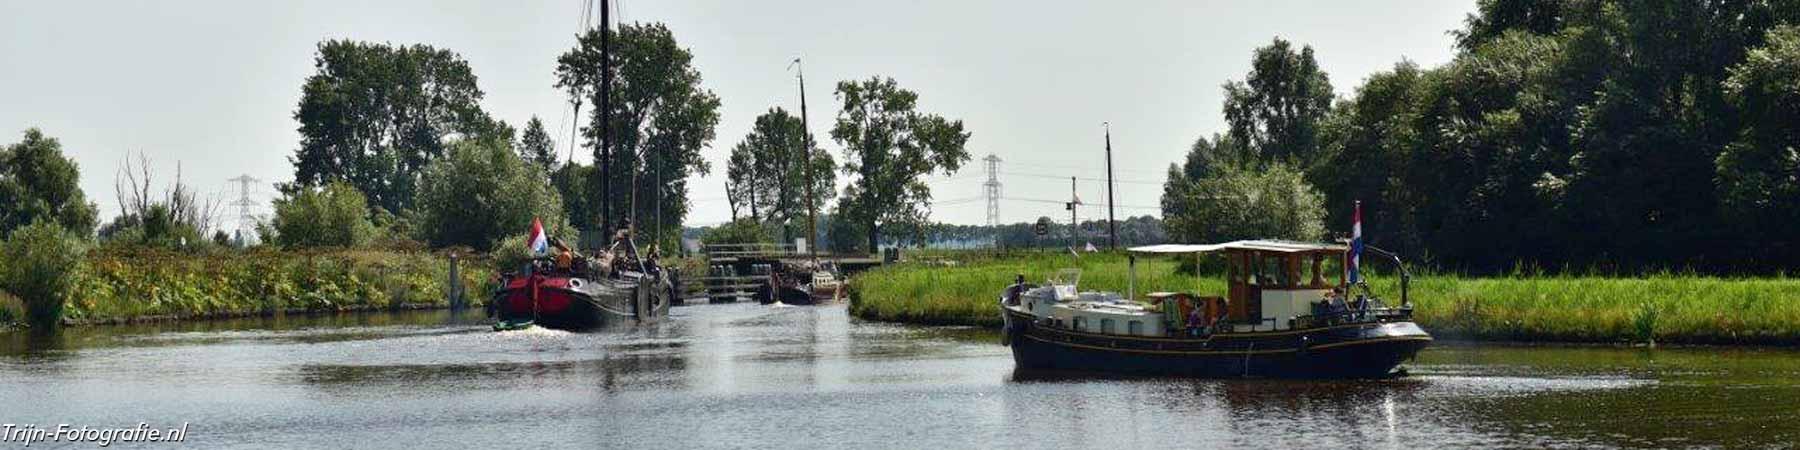 Sodom Sail Winschoten